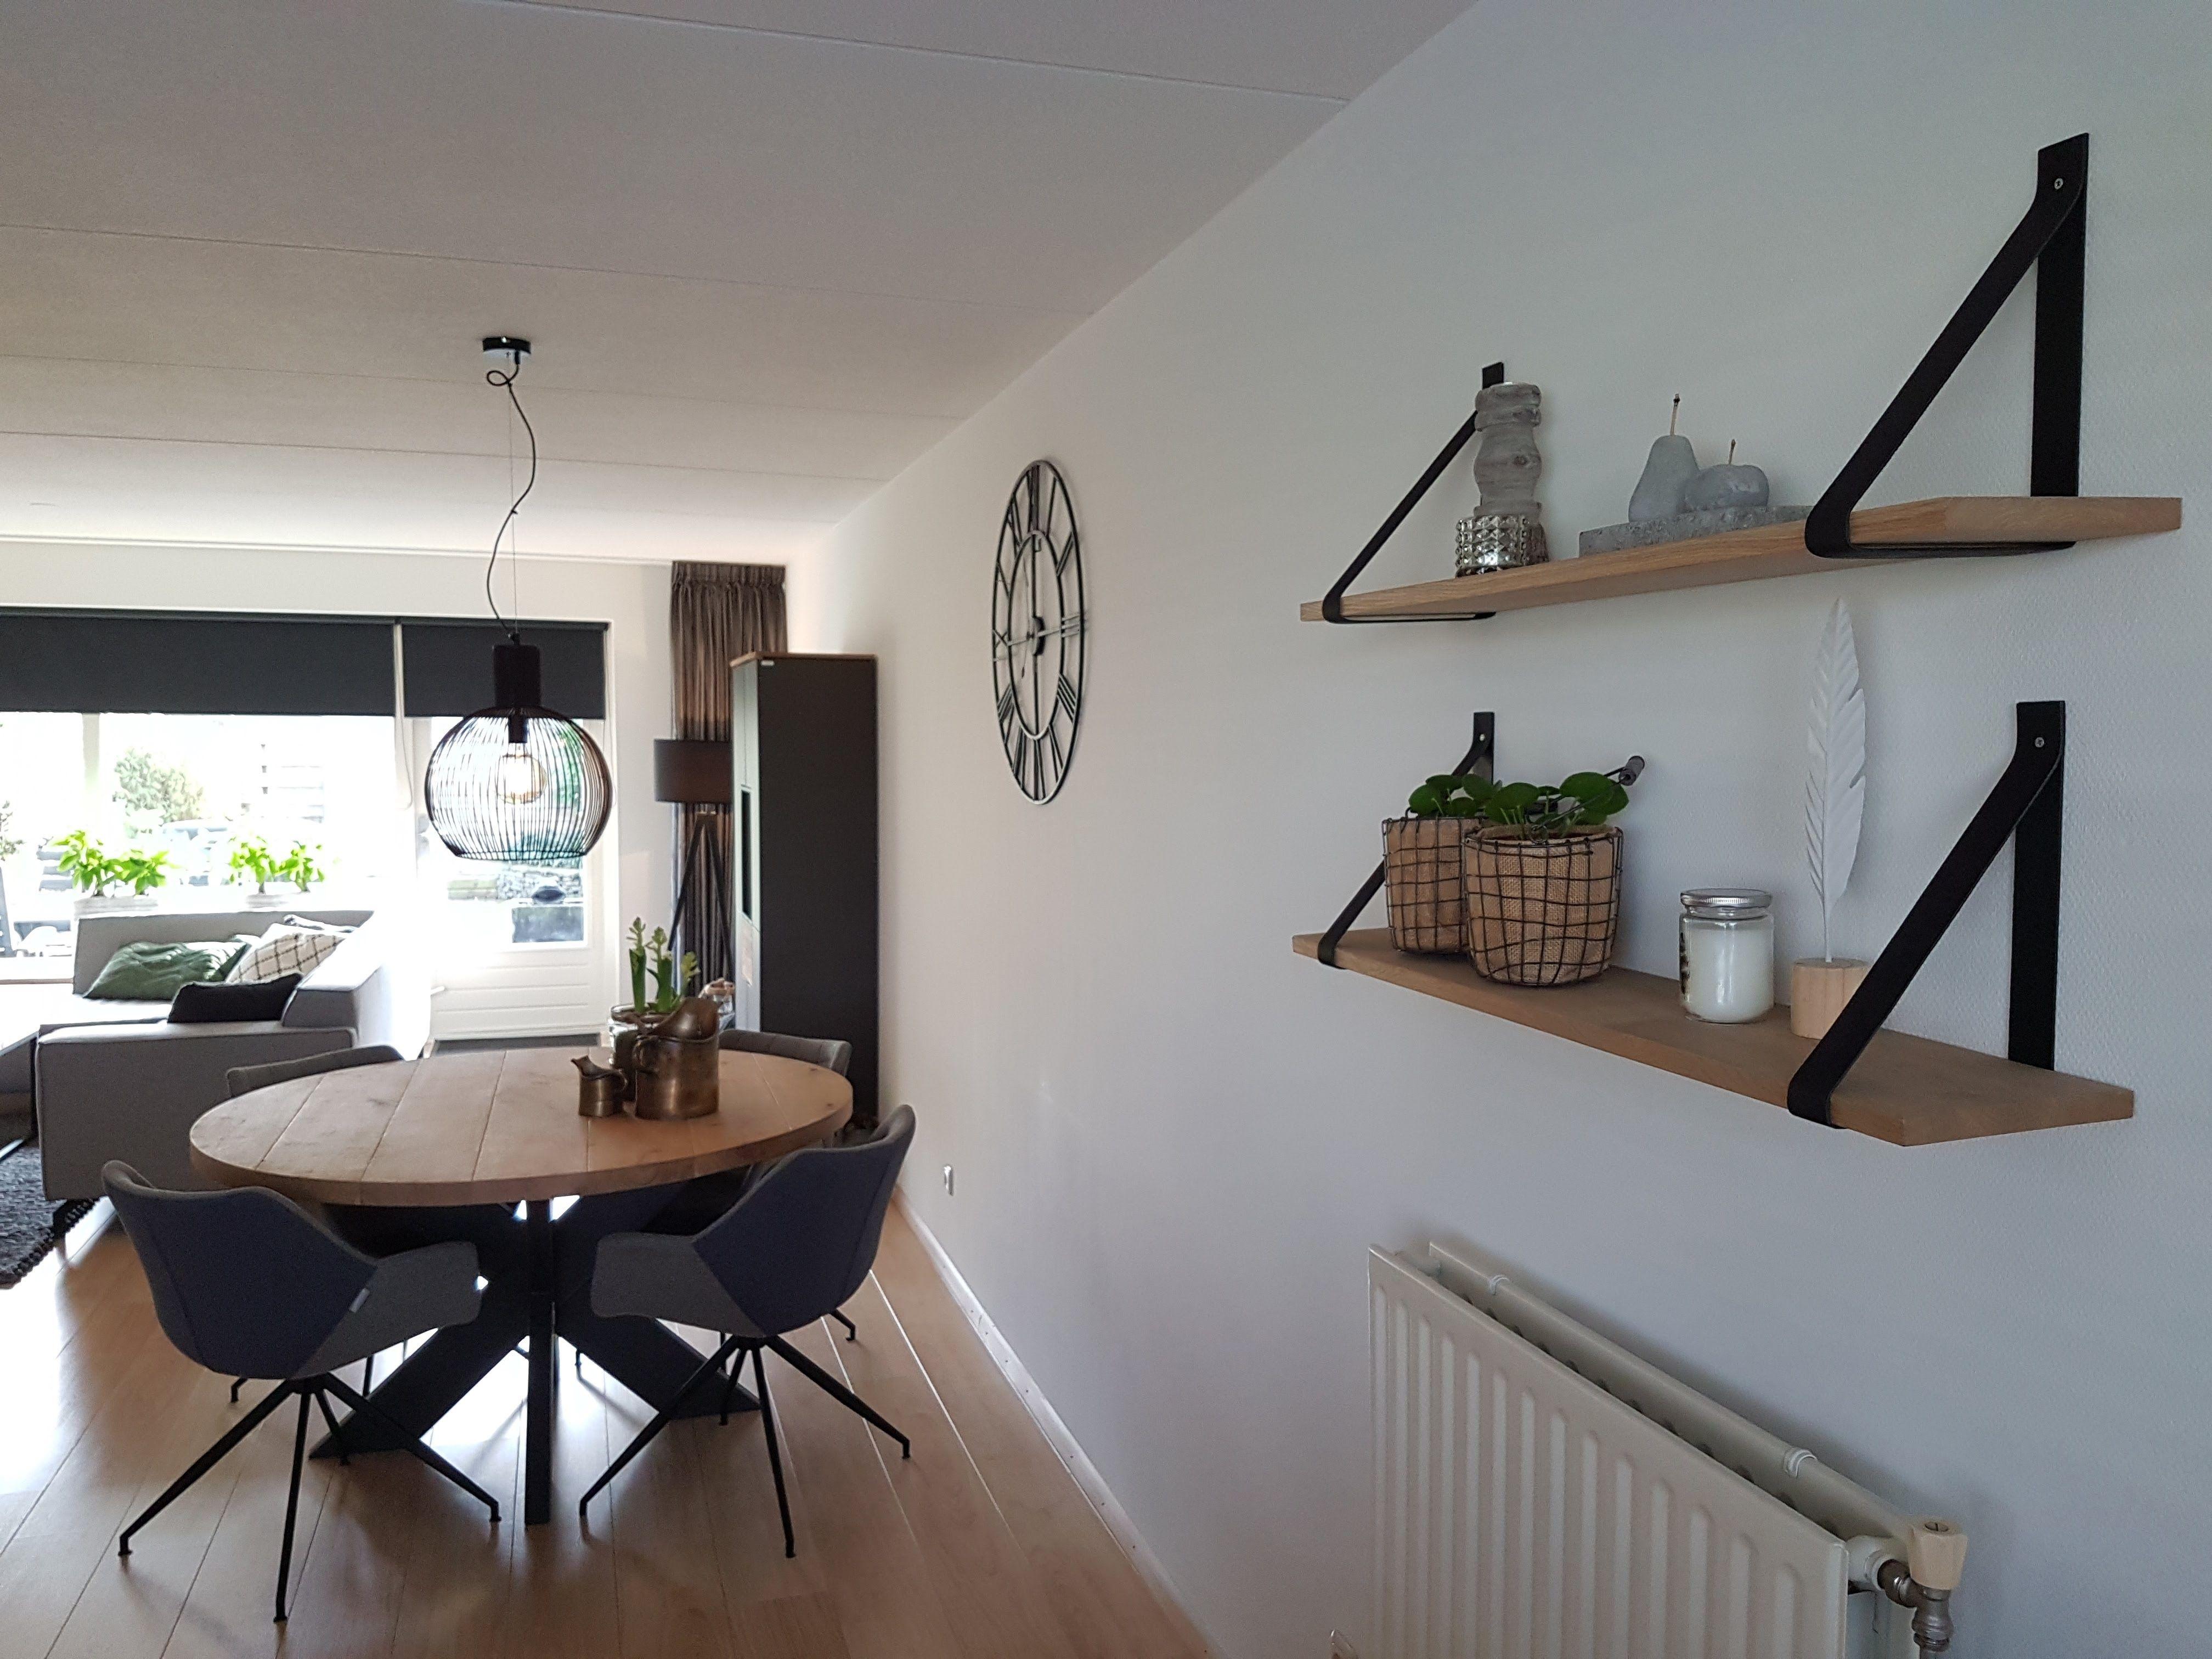 Wanddecoratie wandplankjes met leren plankdragers huisinrichting